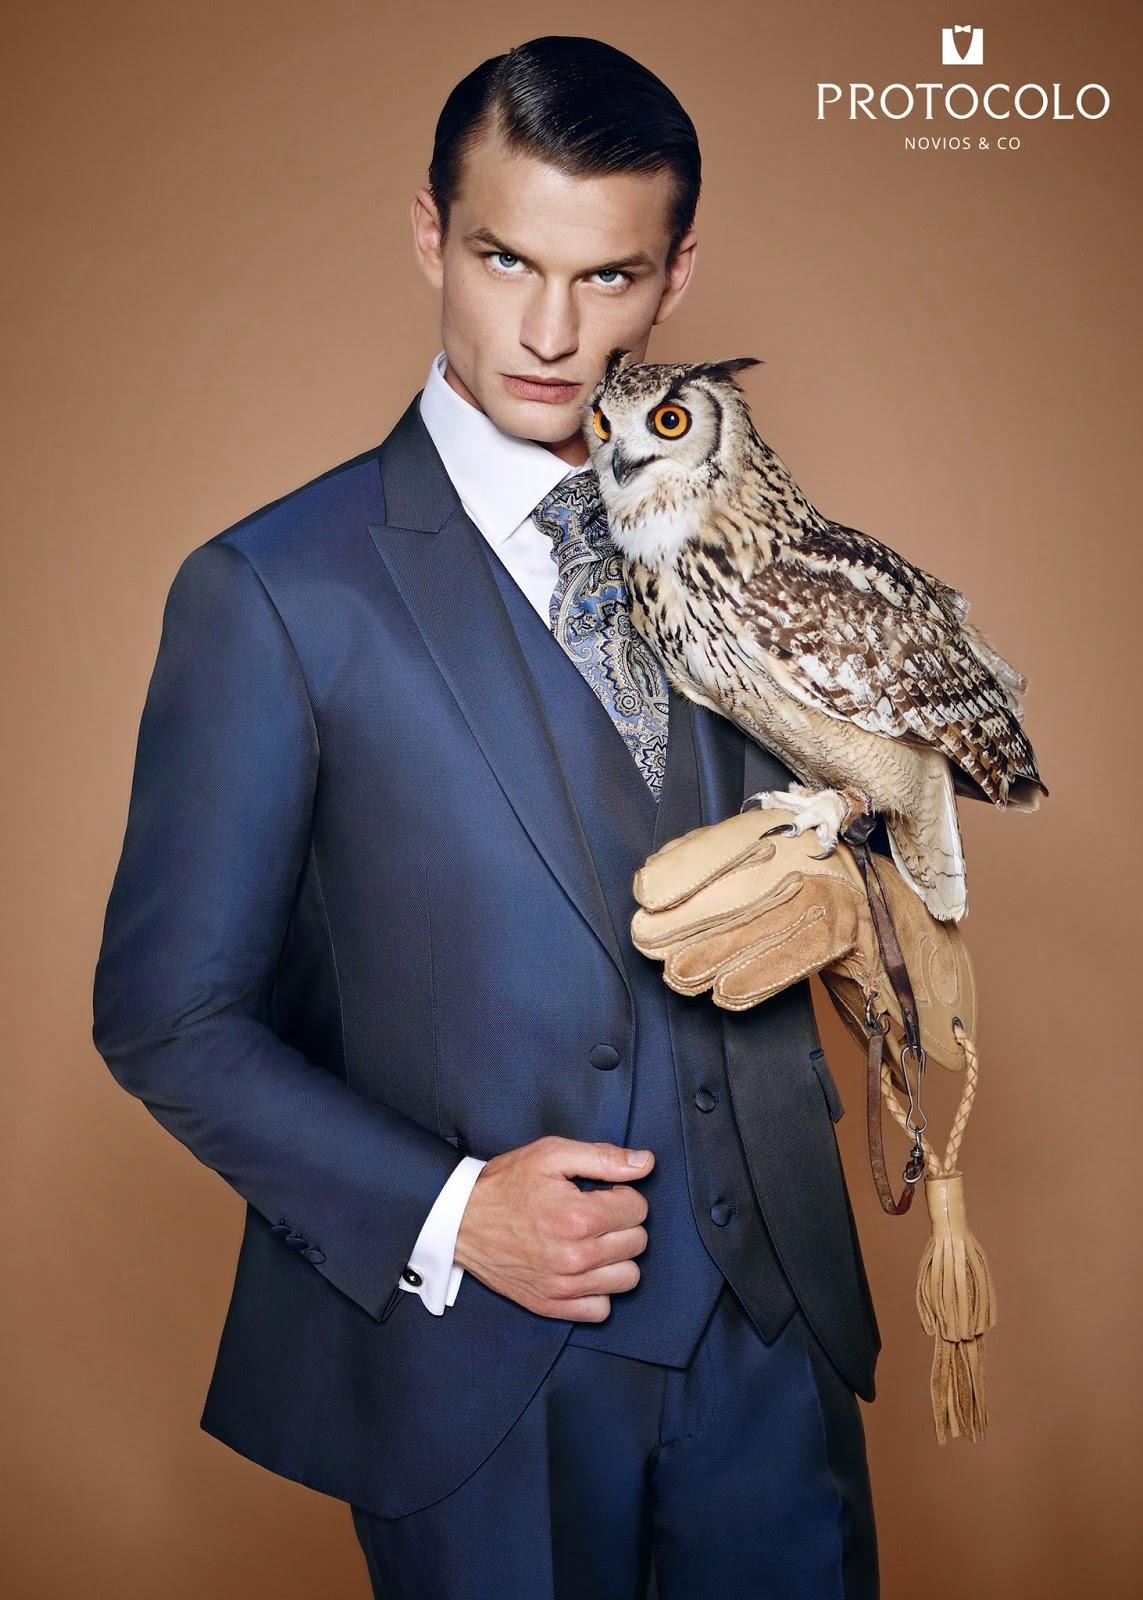 Protocolo novios guia tipos de traje de novio - corbanda blog bodas mi boda gratis